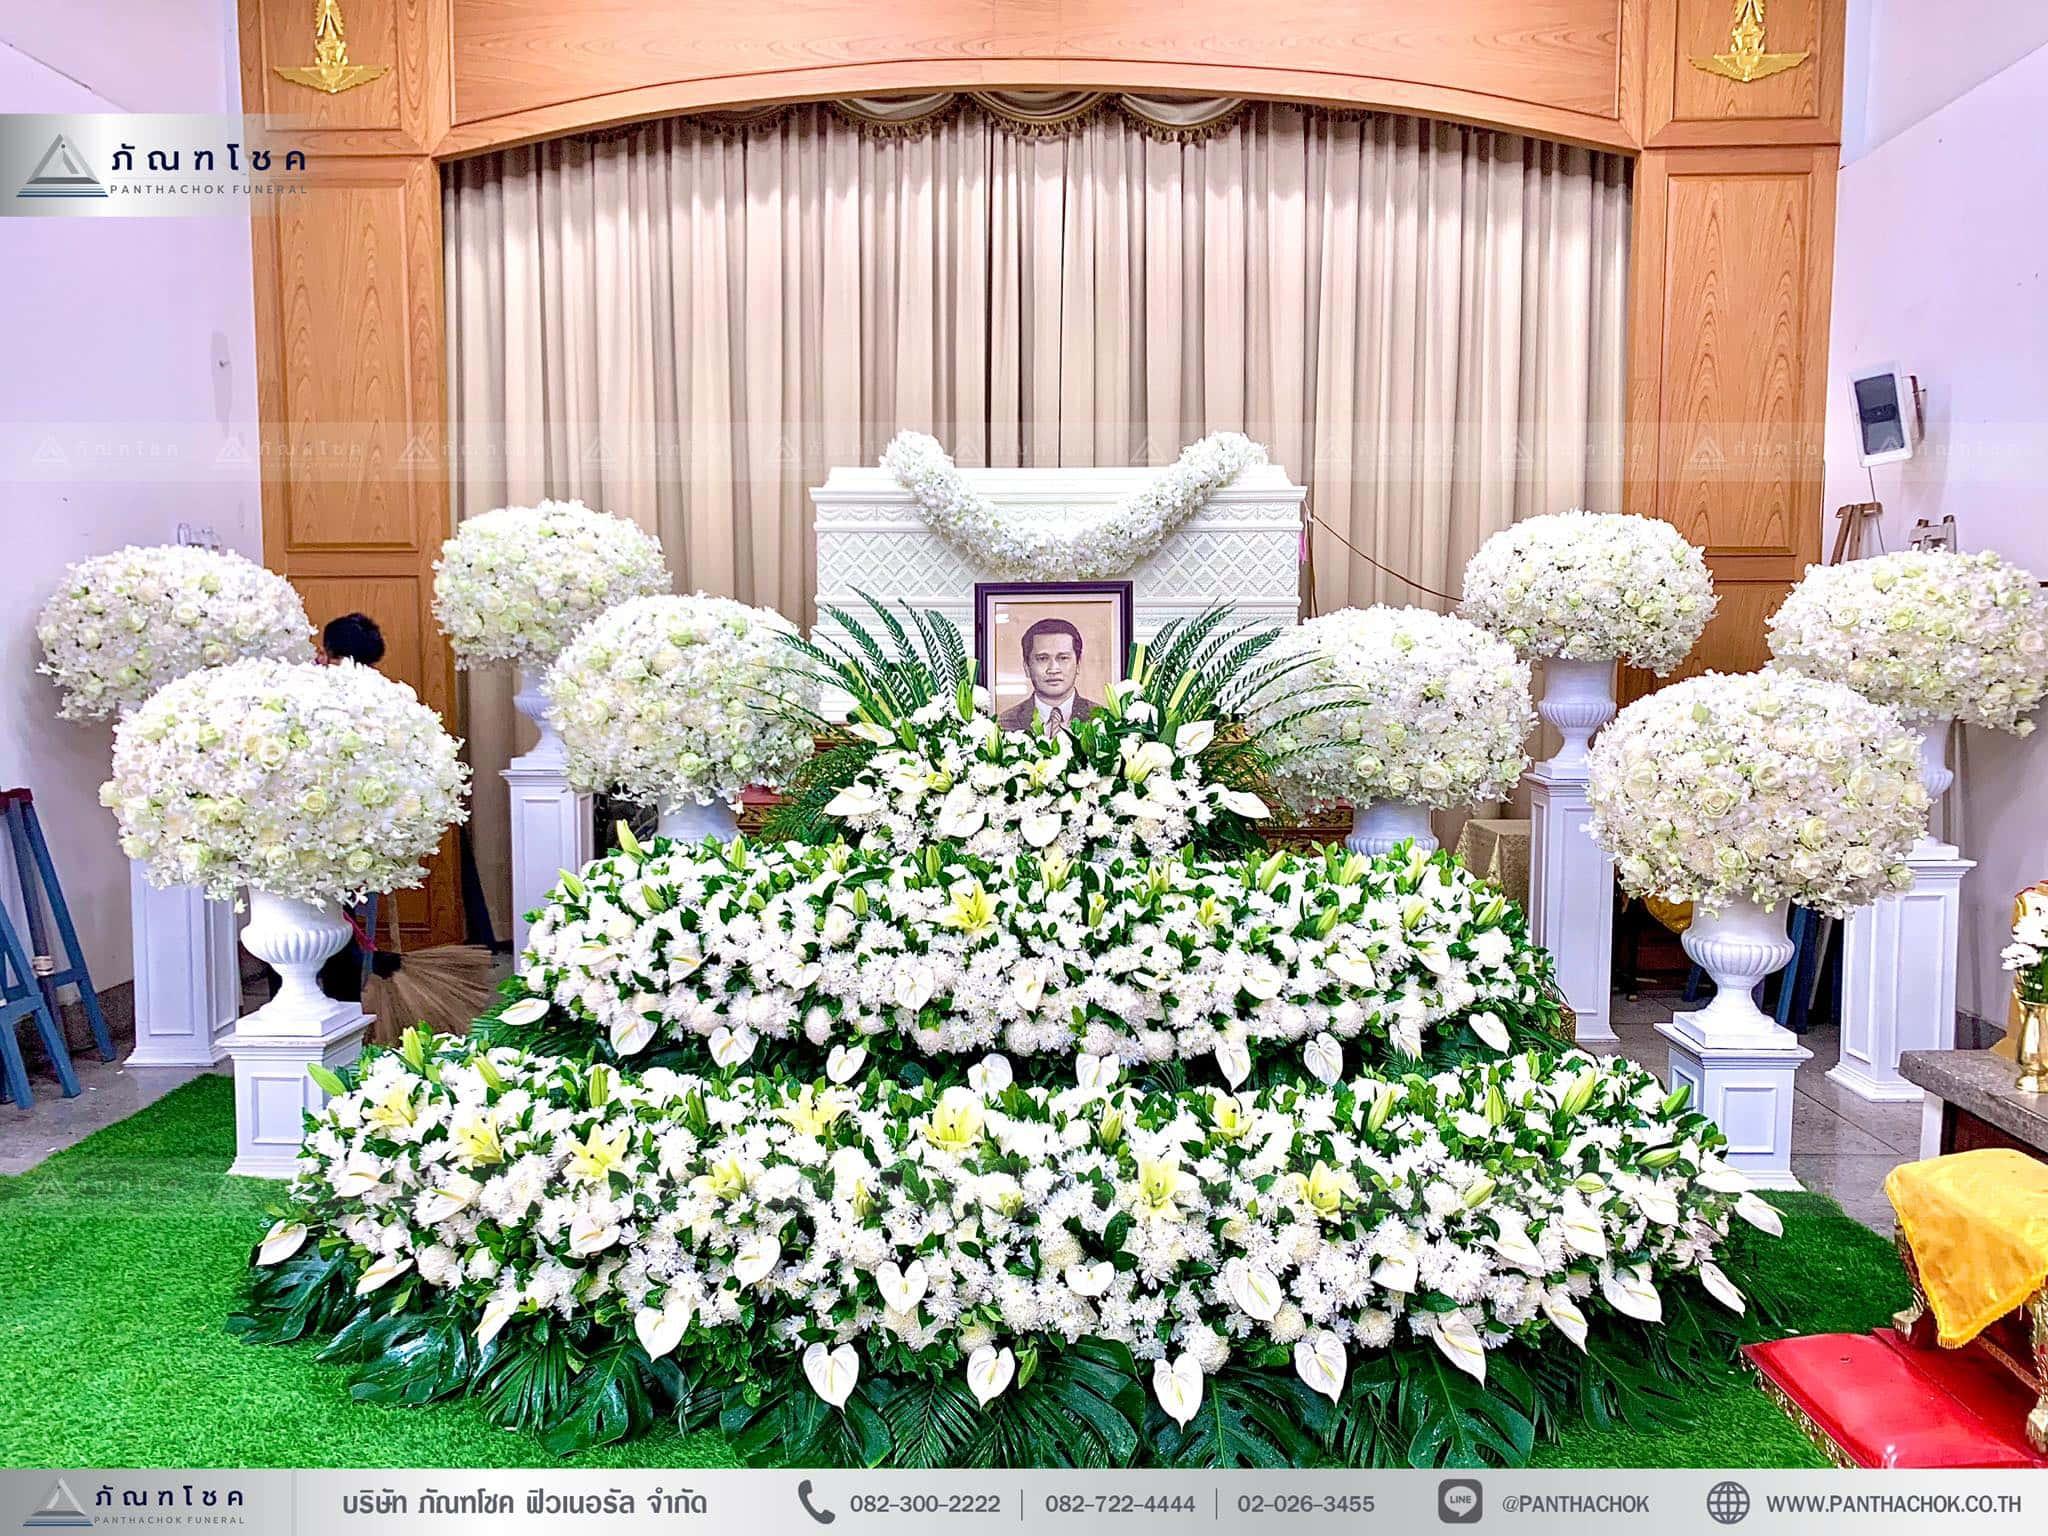 ดอกไม้งานศพสีขาว พุ่มดอกไม้สวยงาม